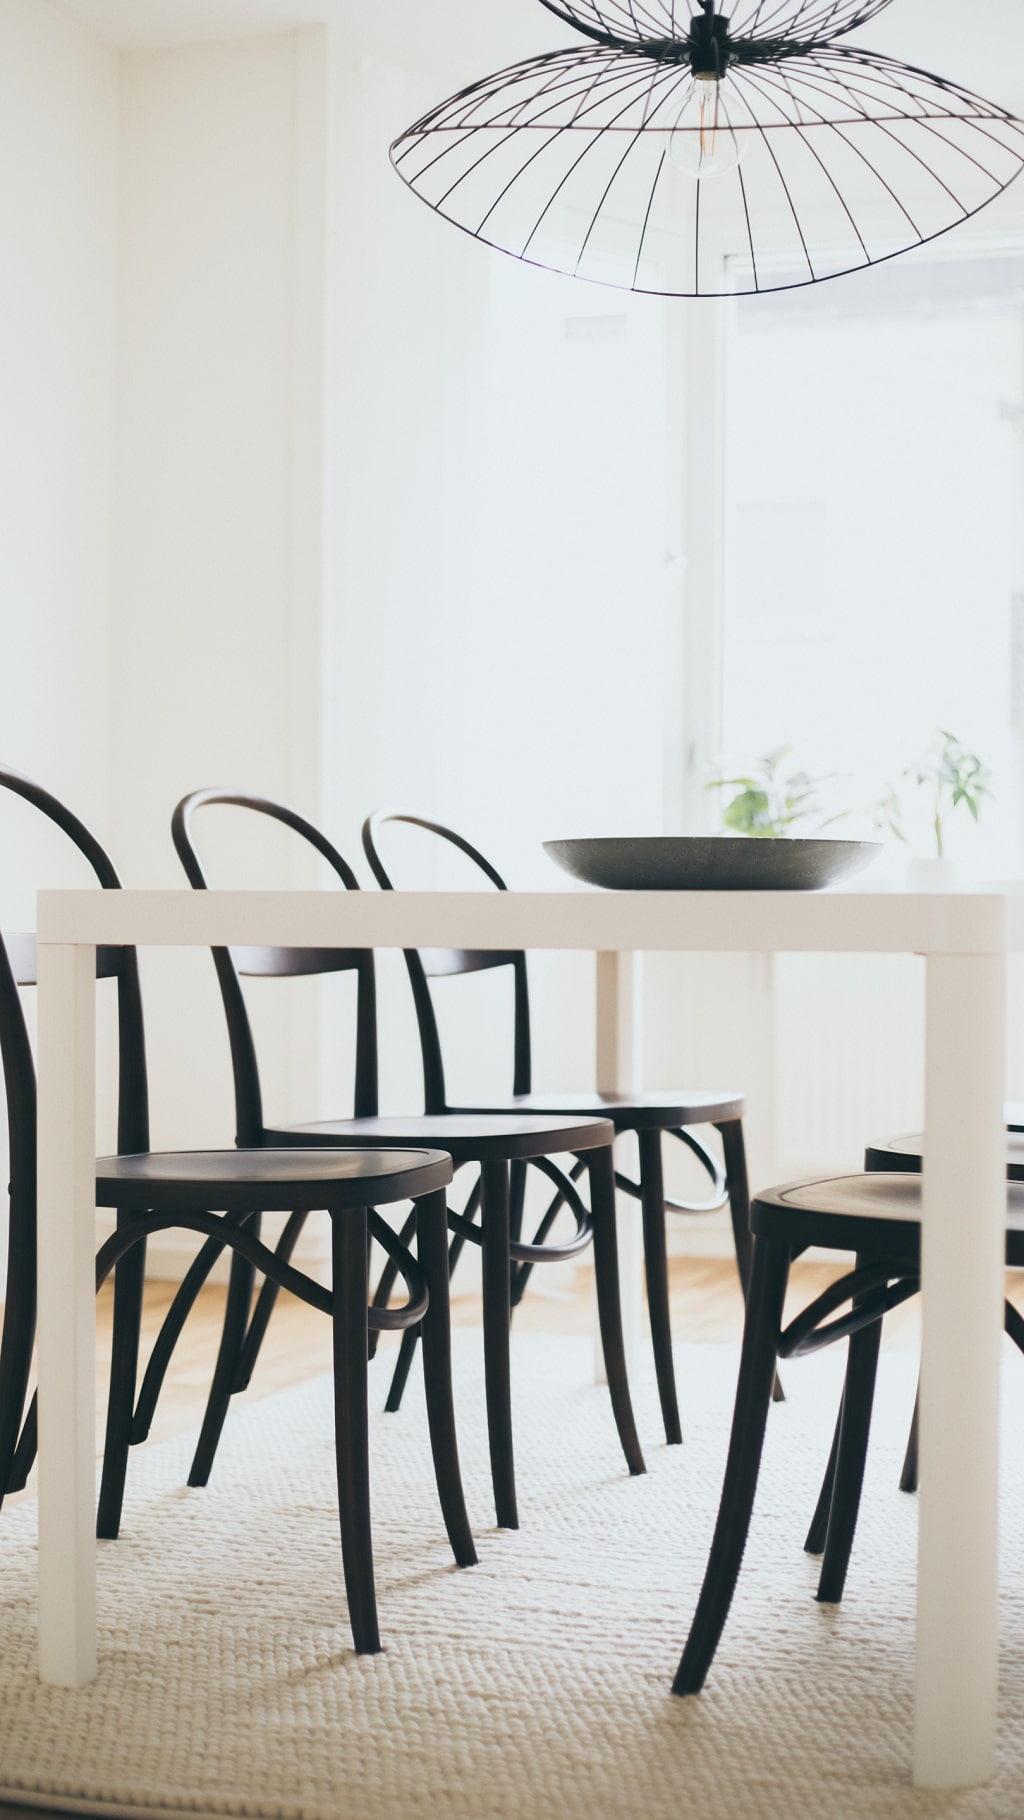 detaljbild på ljust bord i matsal med stolar i mörkt böjträ i bakgrunden